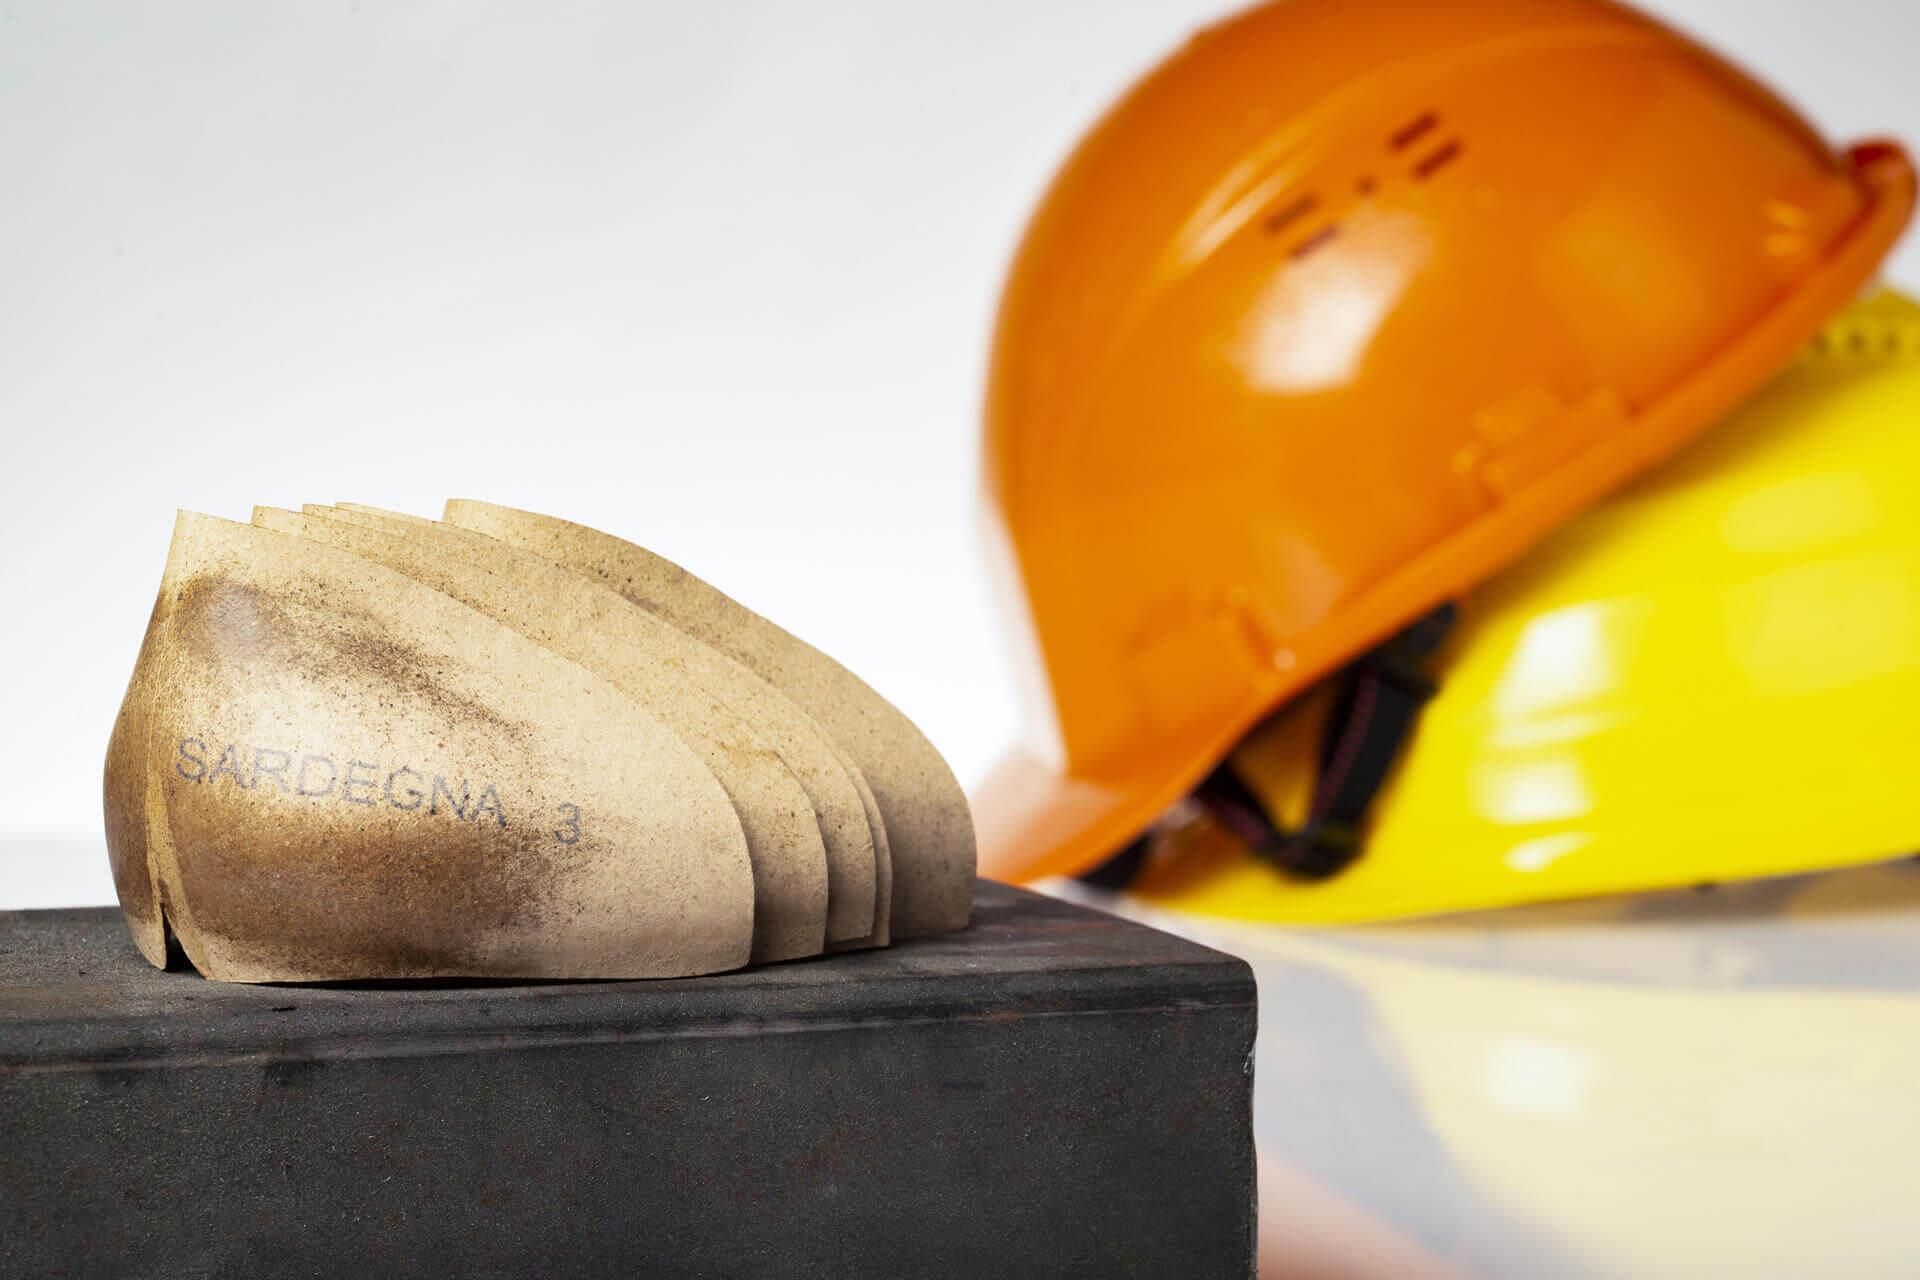 contrafforti-scarpe-antinfortunistiche-contrafforti-resistenti-per-scarpe-da-lavoro